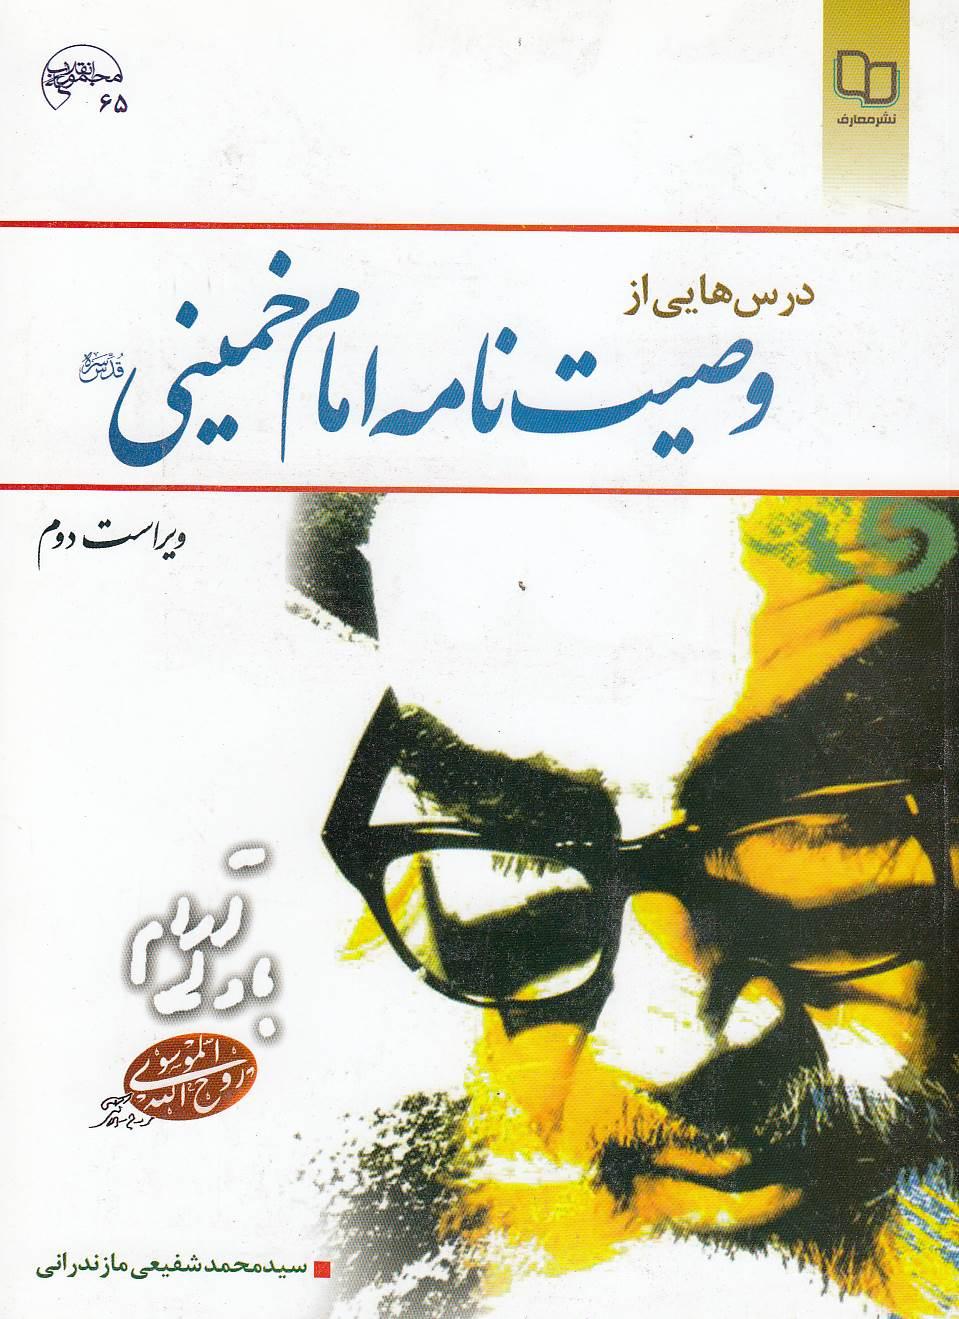 درس-هايي-از-وصيت-نامه-امام-خميني-(معارف)-وزيري-شوميز